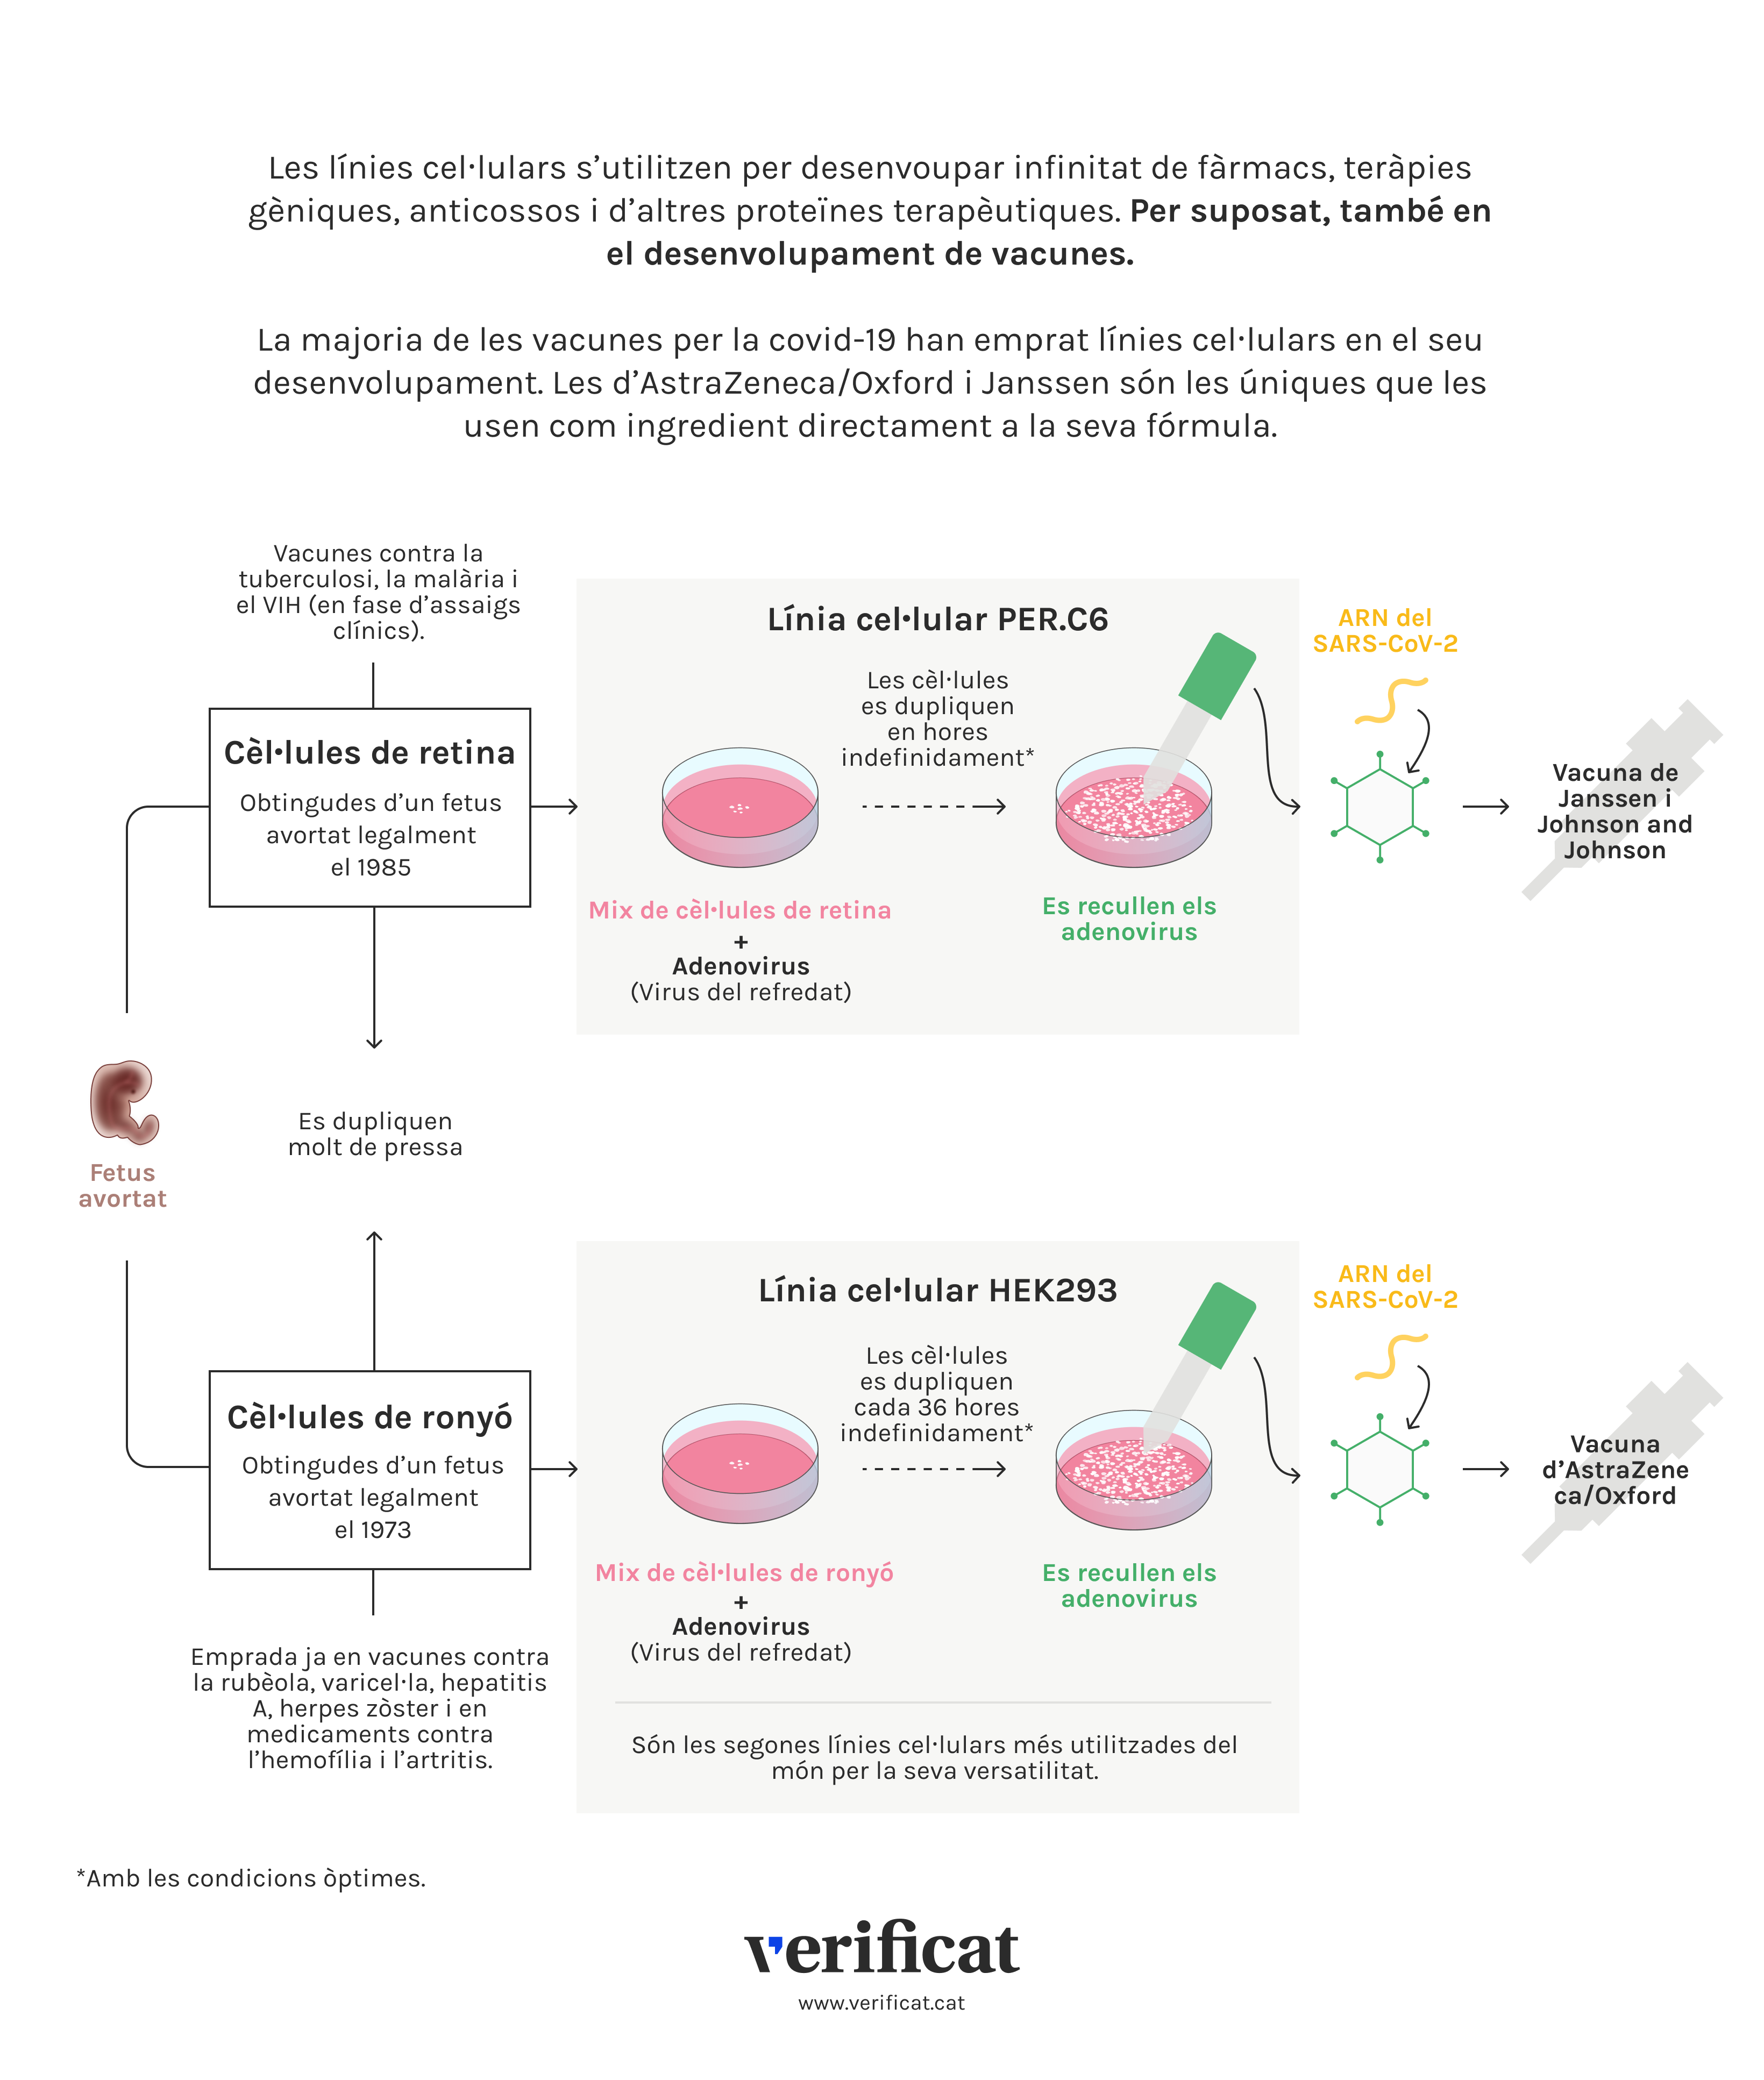 Infografia que explica les línies cel·lulars